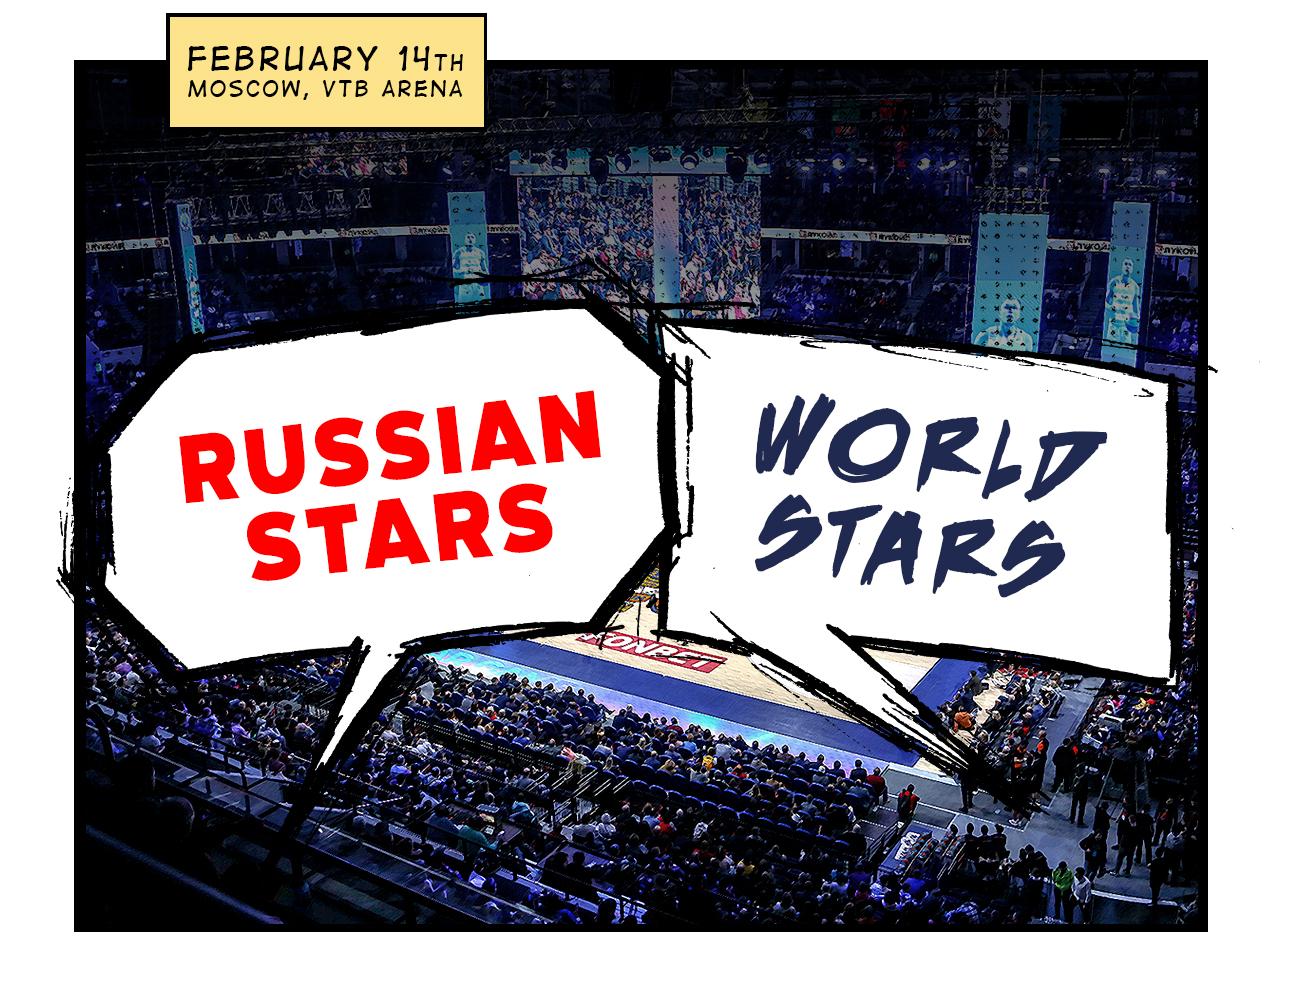 Определились составы «Звезд России» и «Звезд Мира» на Матч Всех Звезд 2021. Итоги голосования СМИ